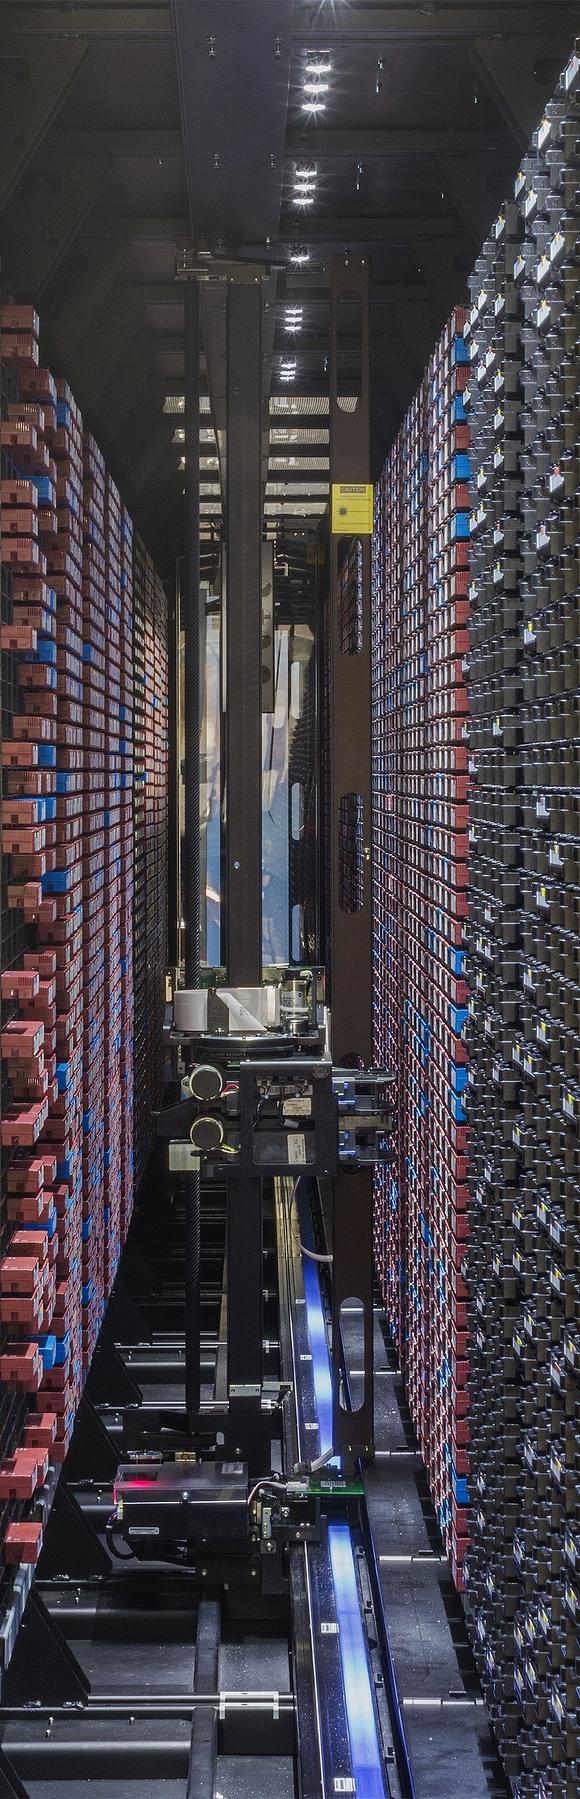 Die Magnetbänder des bwDataArchiv werden bei Bedarf per Roboter aus dem Regallager geholt. (Bild: KIT).